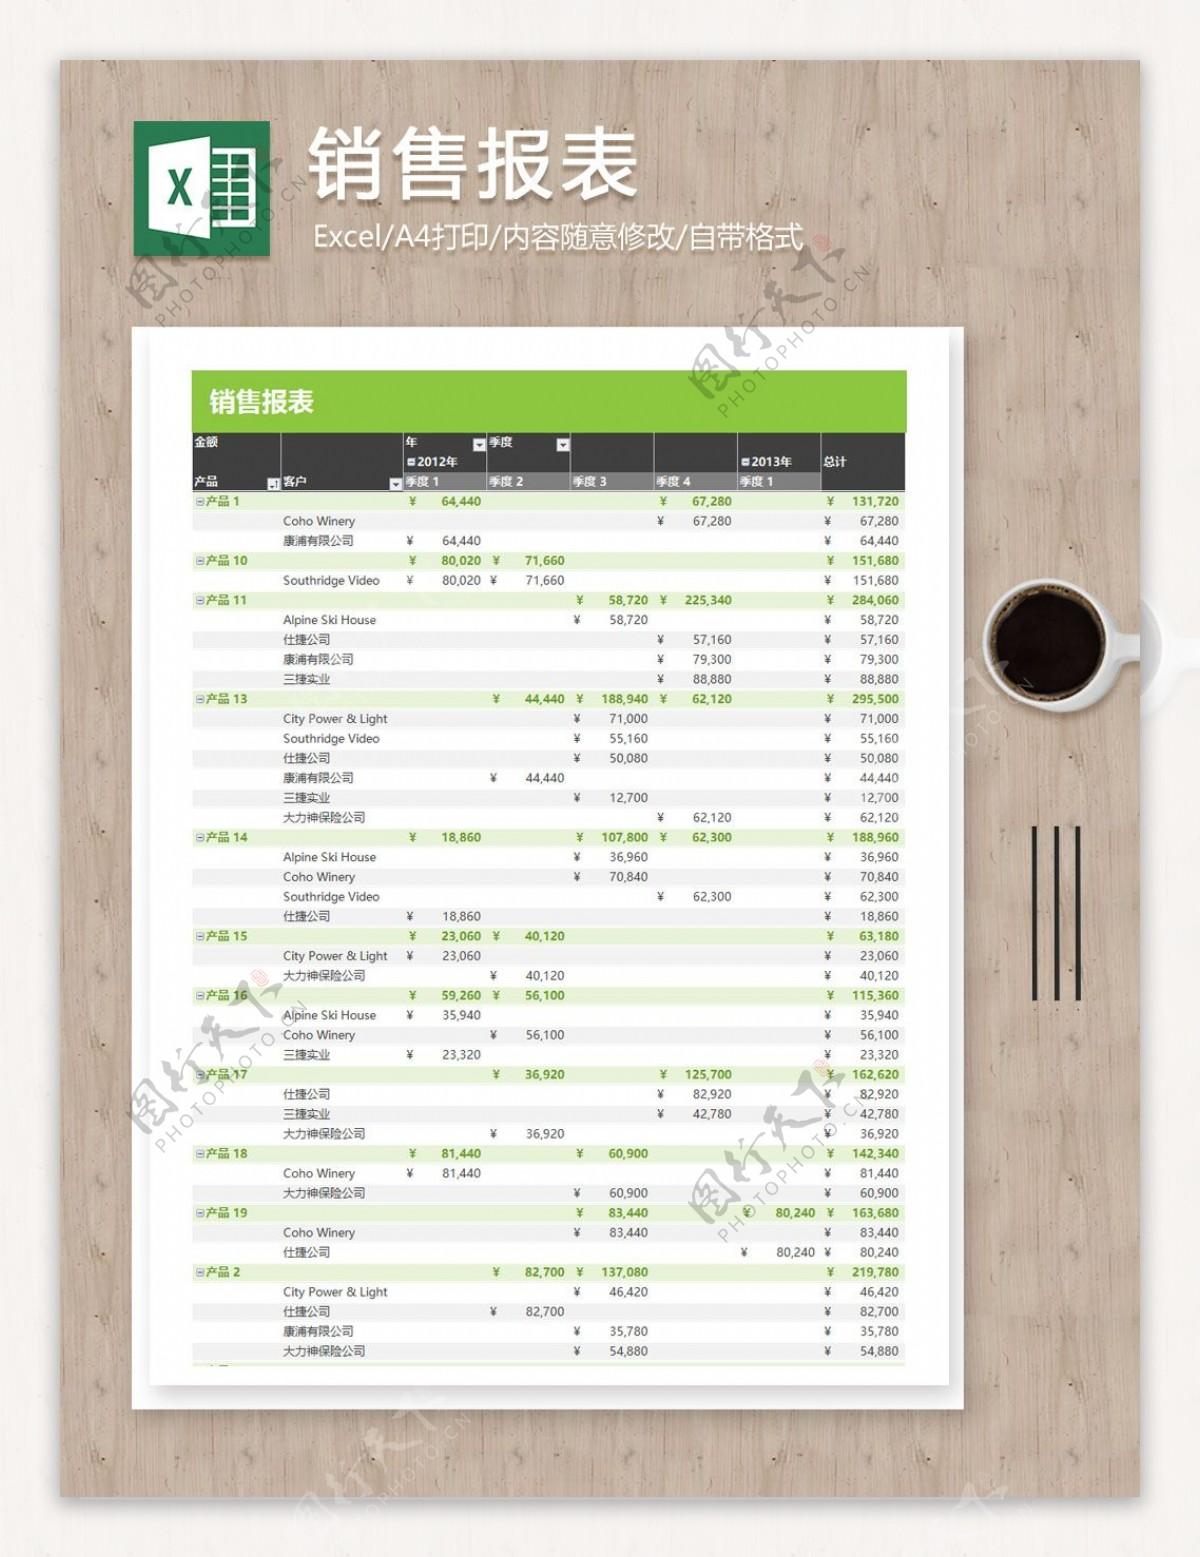 业务销售产品各指标明细记录excel表格模板